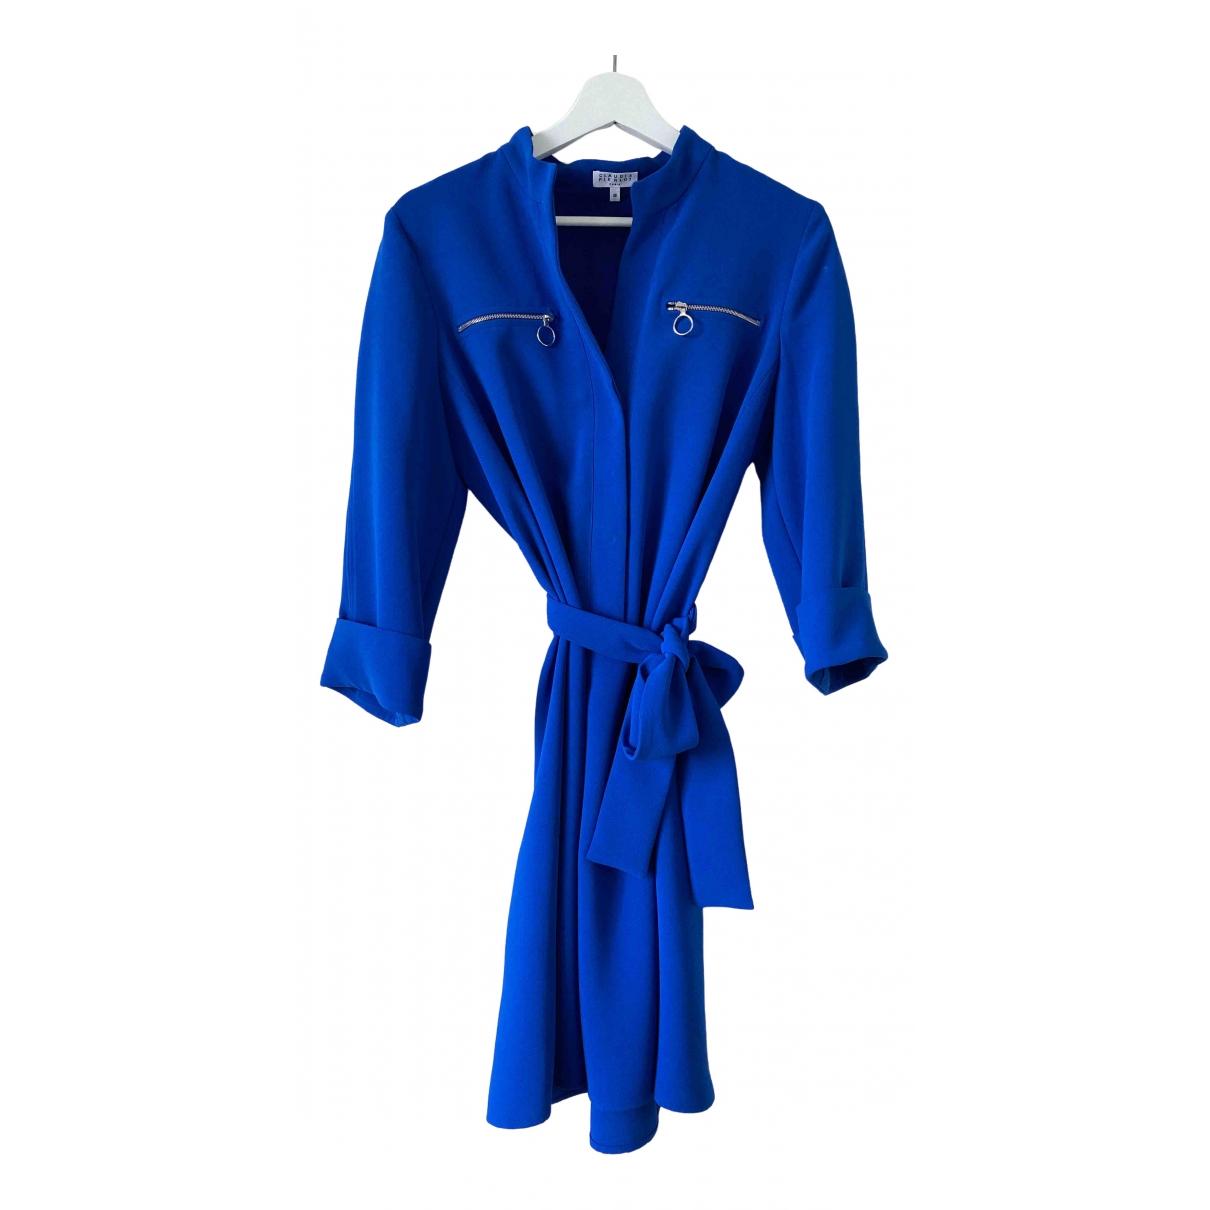 Claudie Pierlot Fall Winter 2019 Kleid in  Blau Polyester